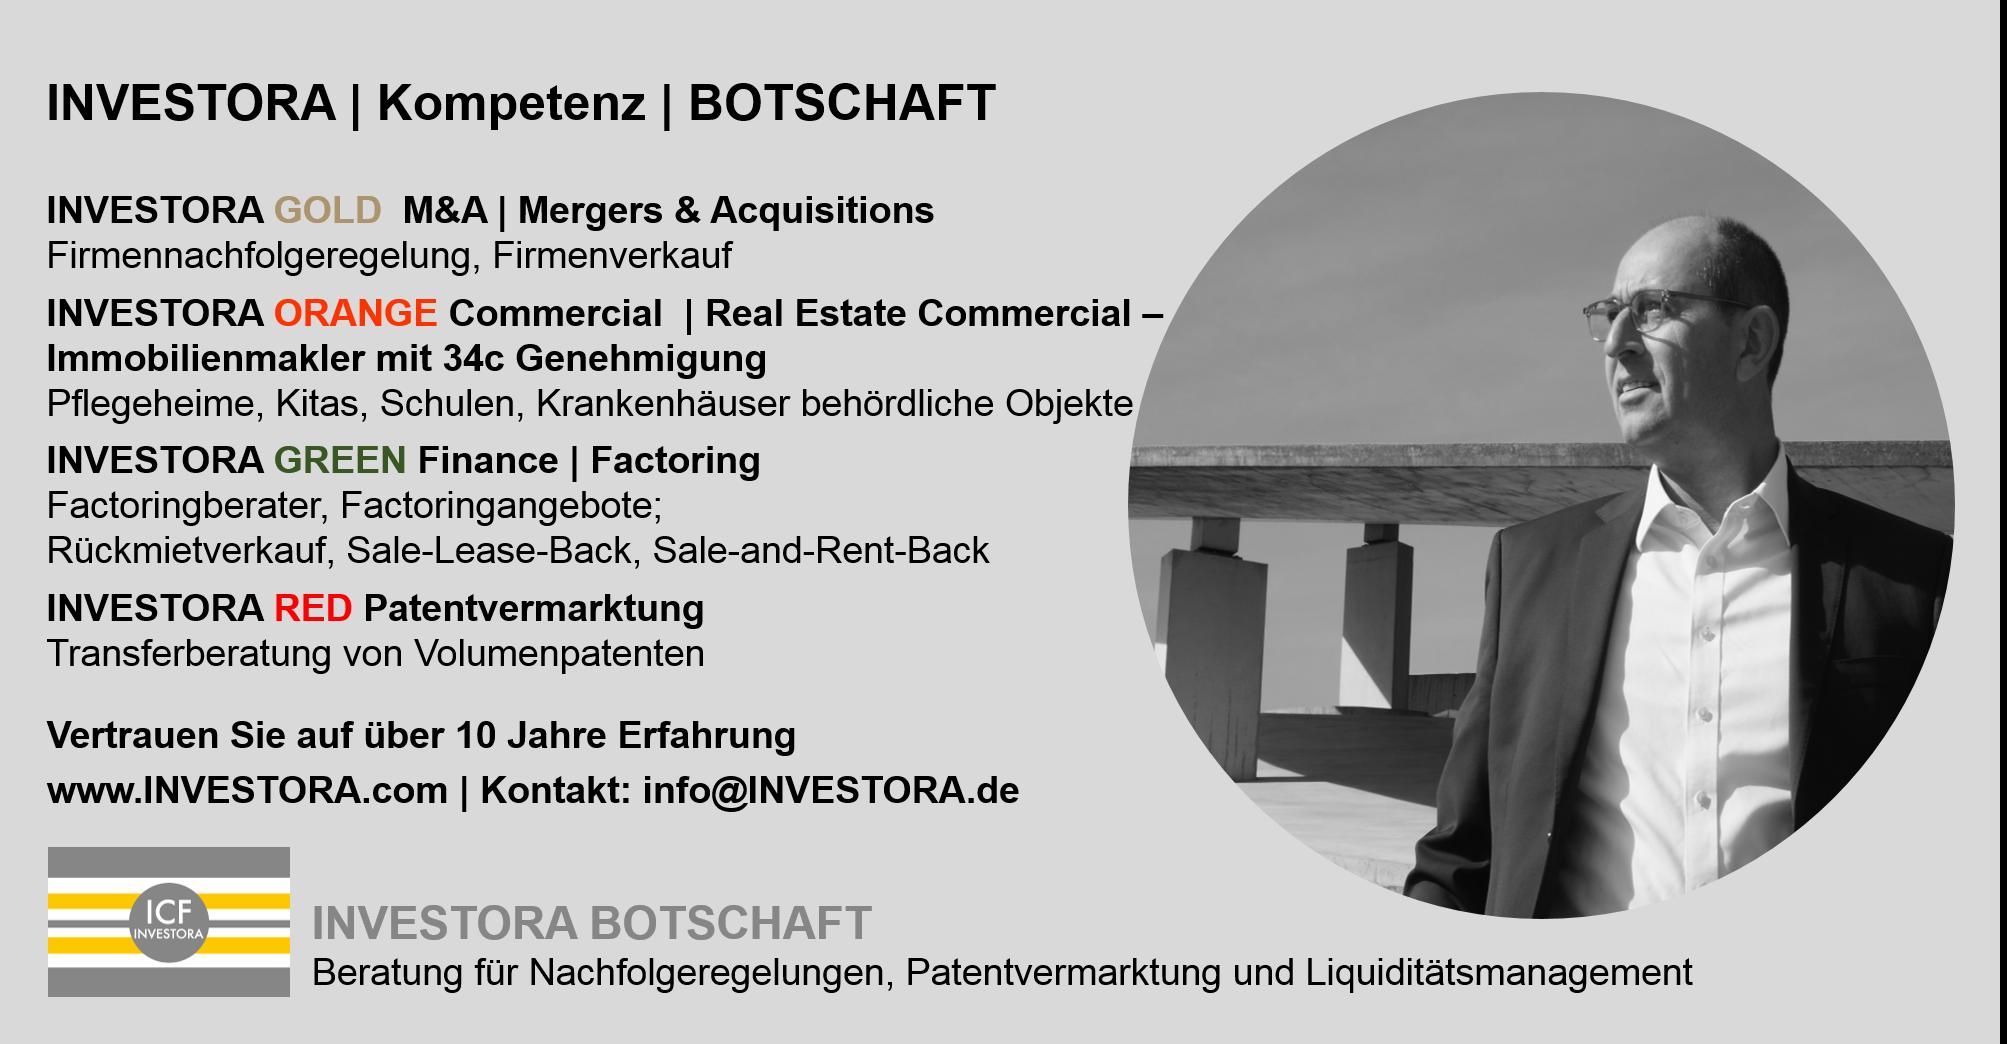 INVESTORA Nachfolgeregelung Patentvermarktung Liquiditaetsmanagament Sozialimmobilien